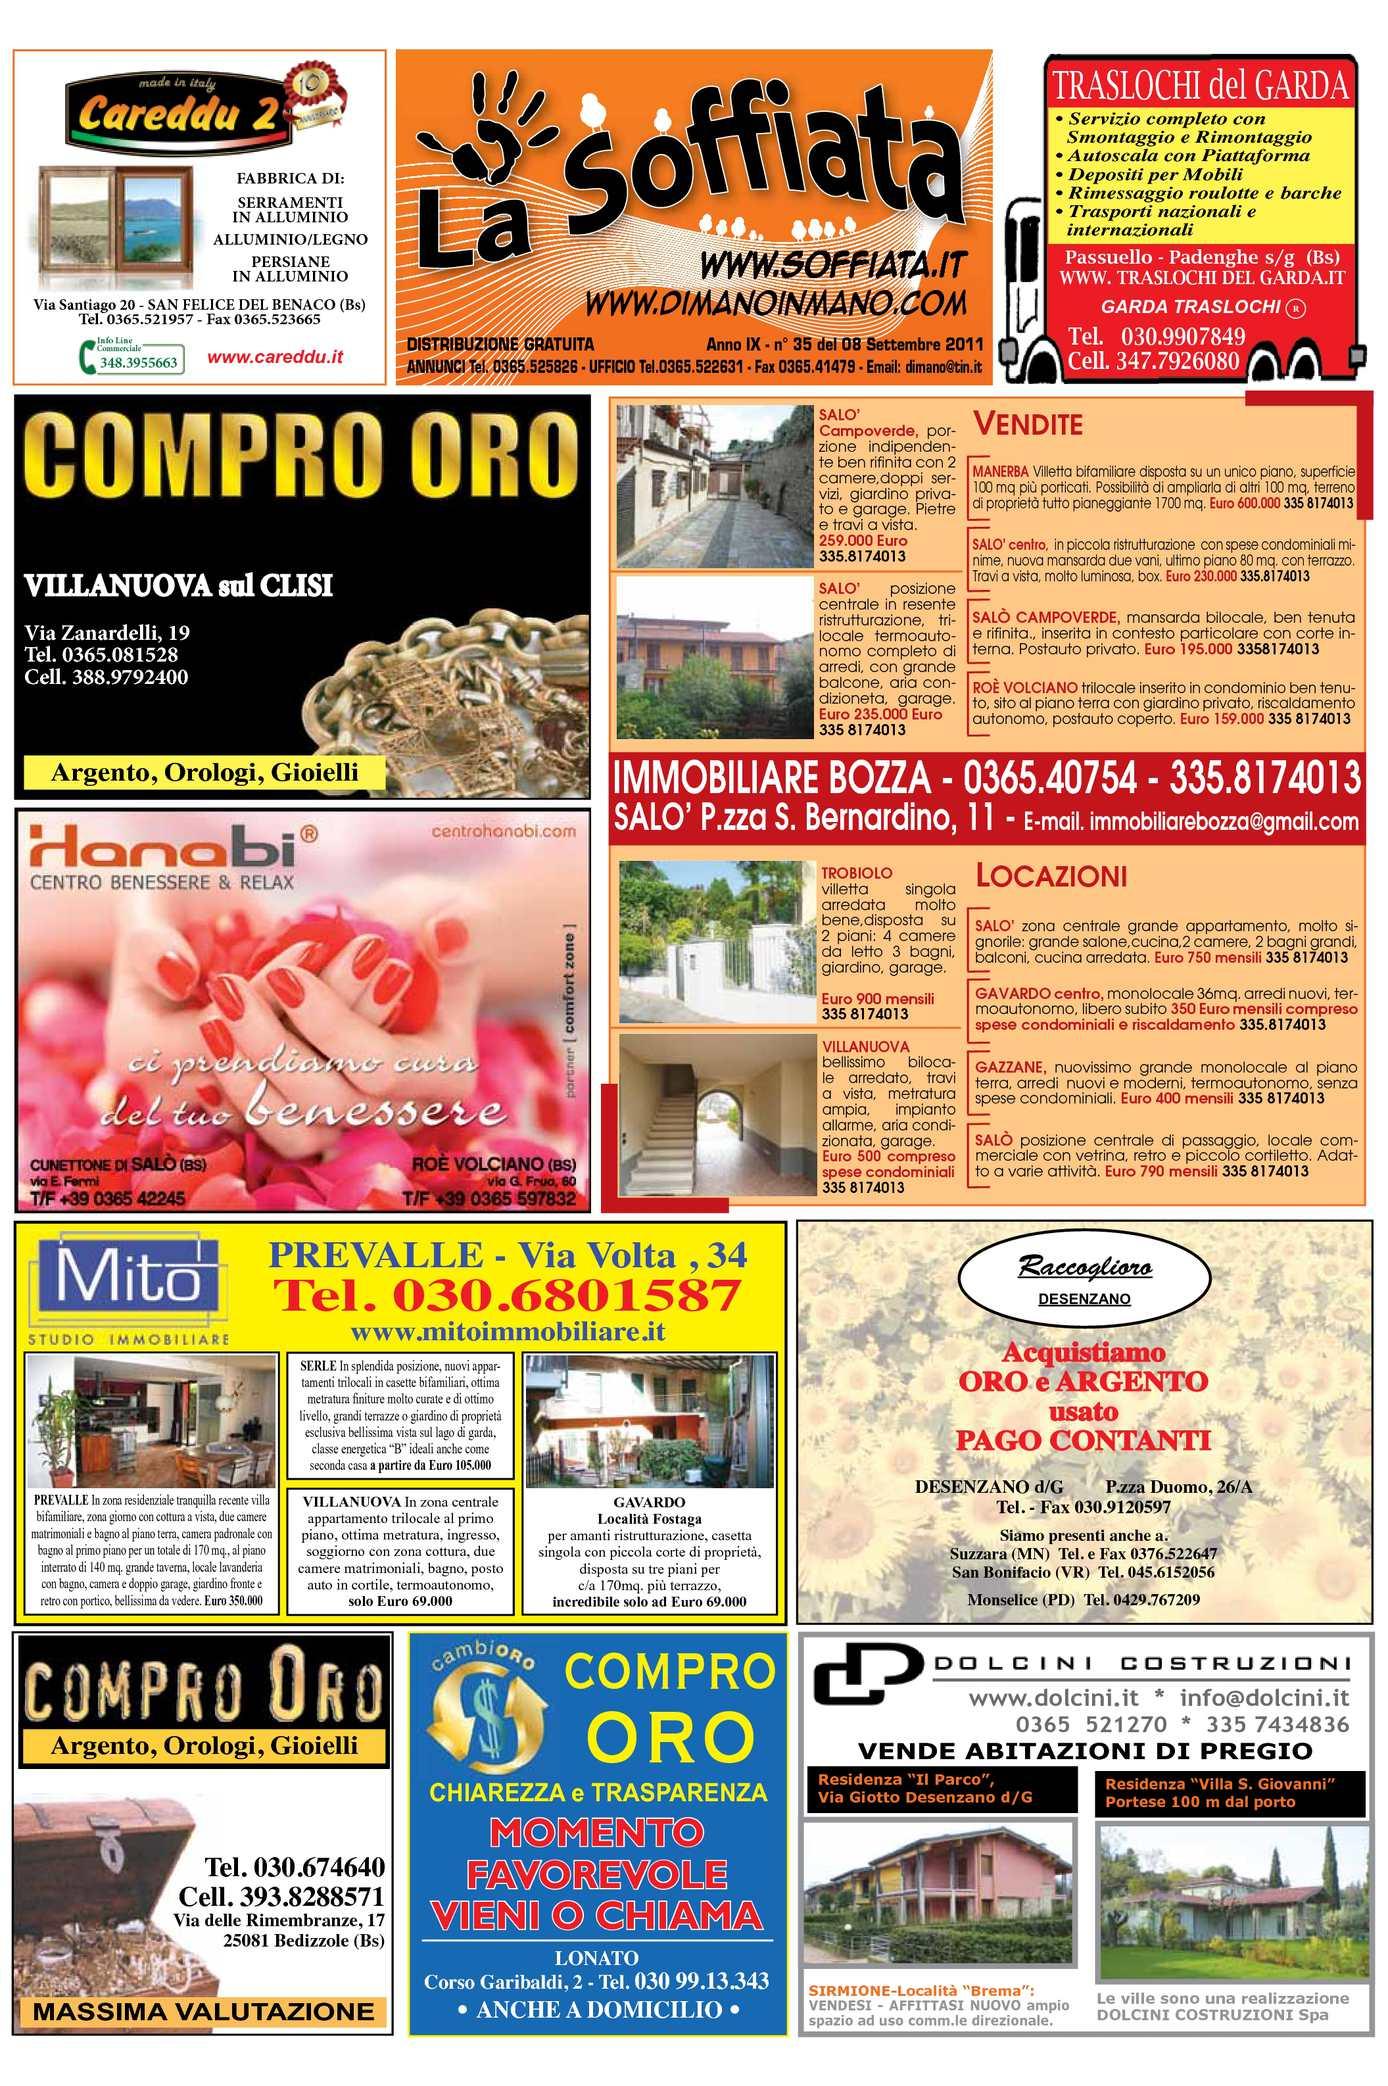 d205dbce67 Calaméo - La Soffiata 08-09-2011